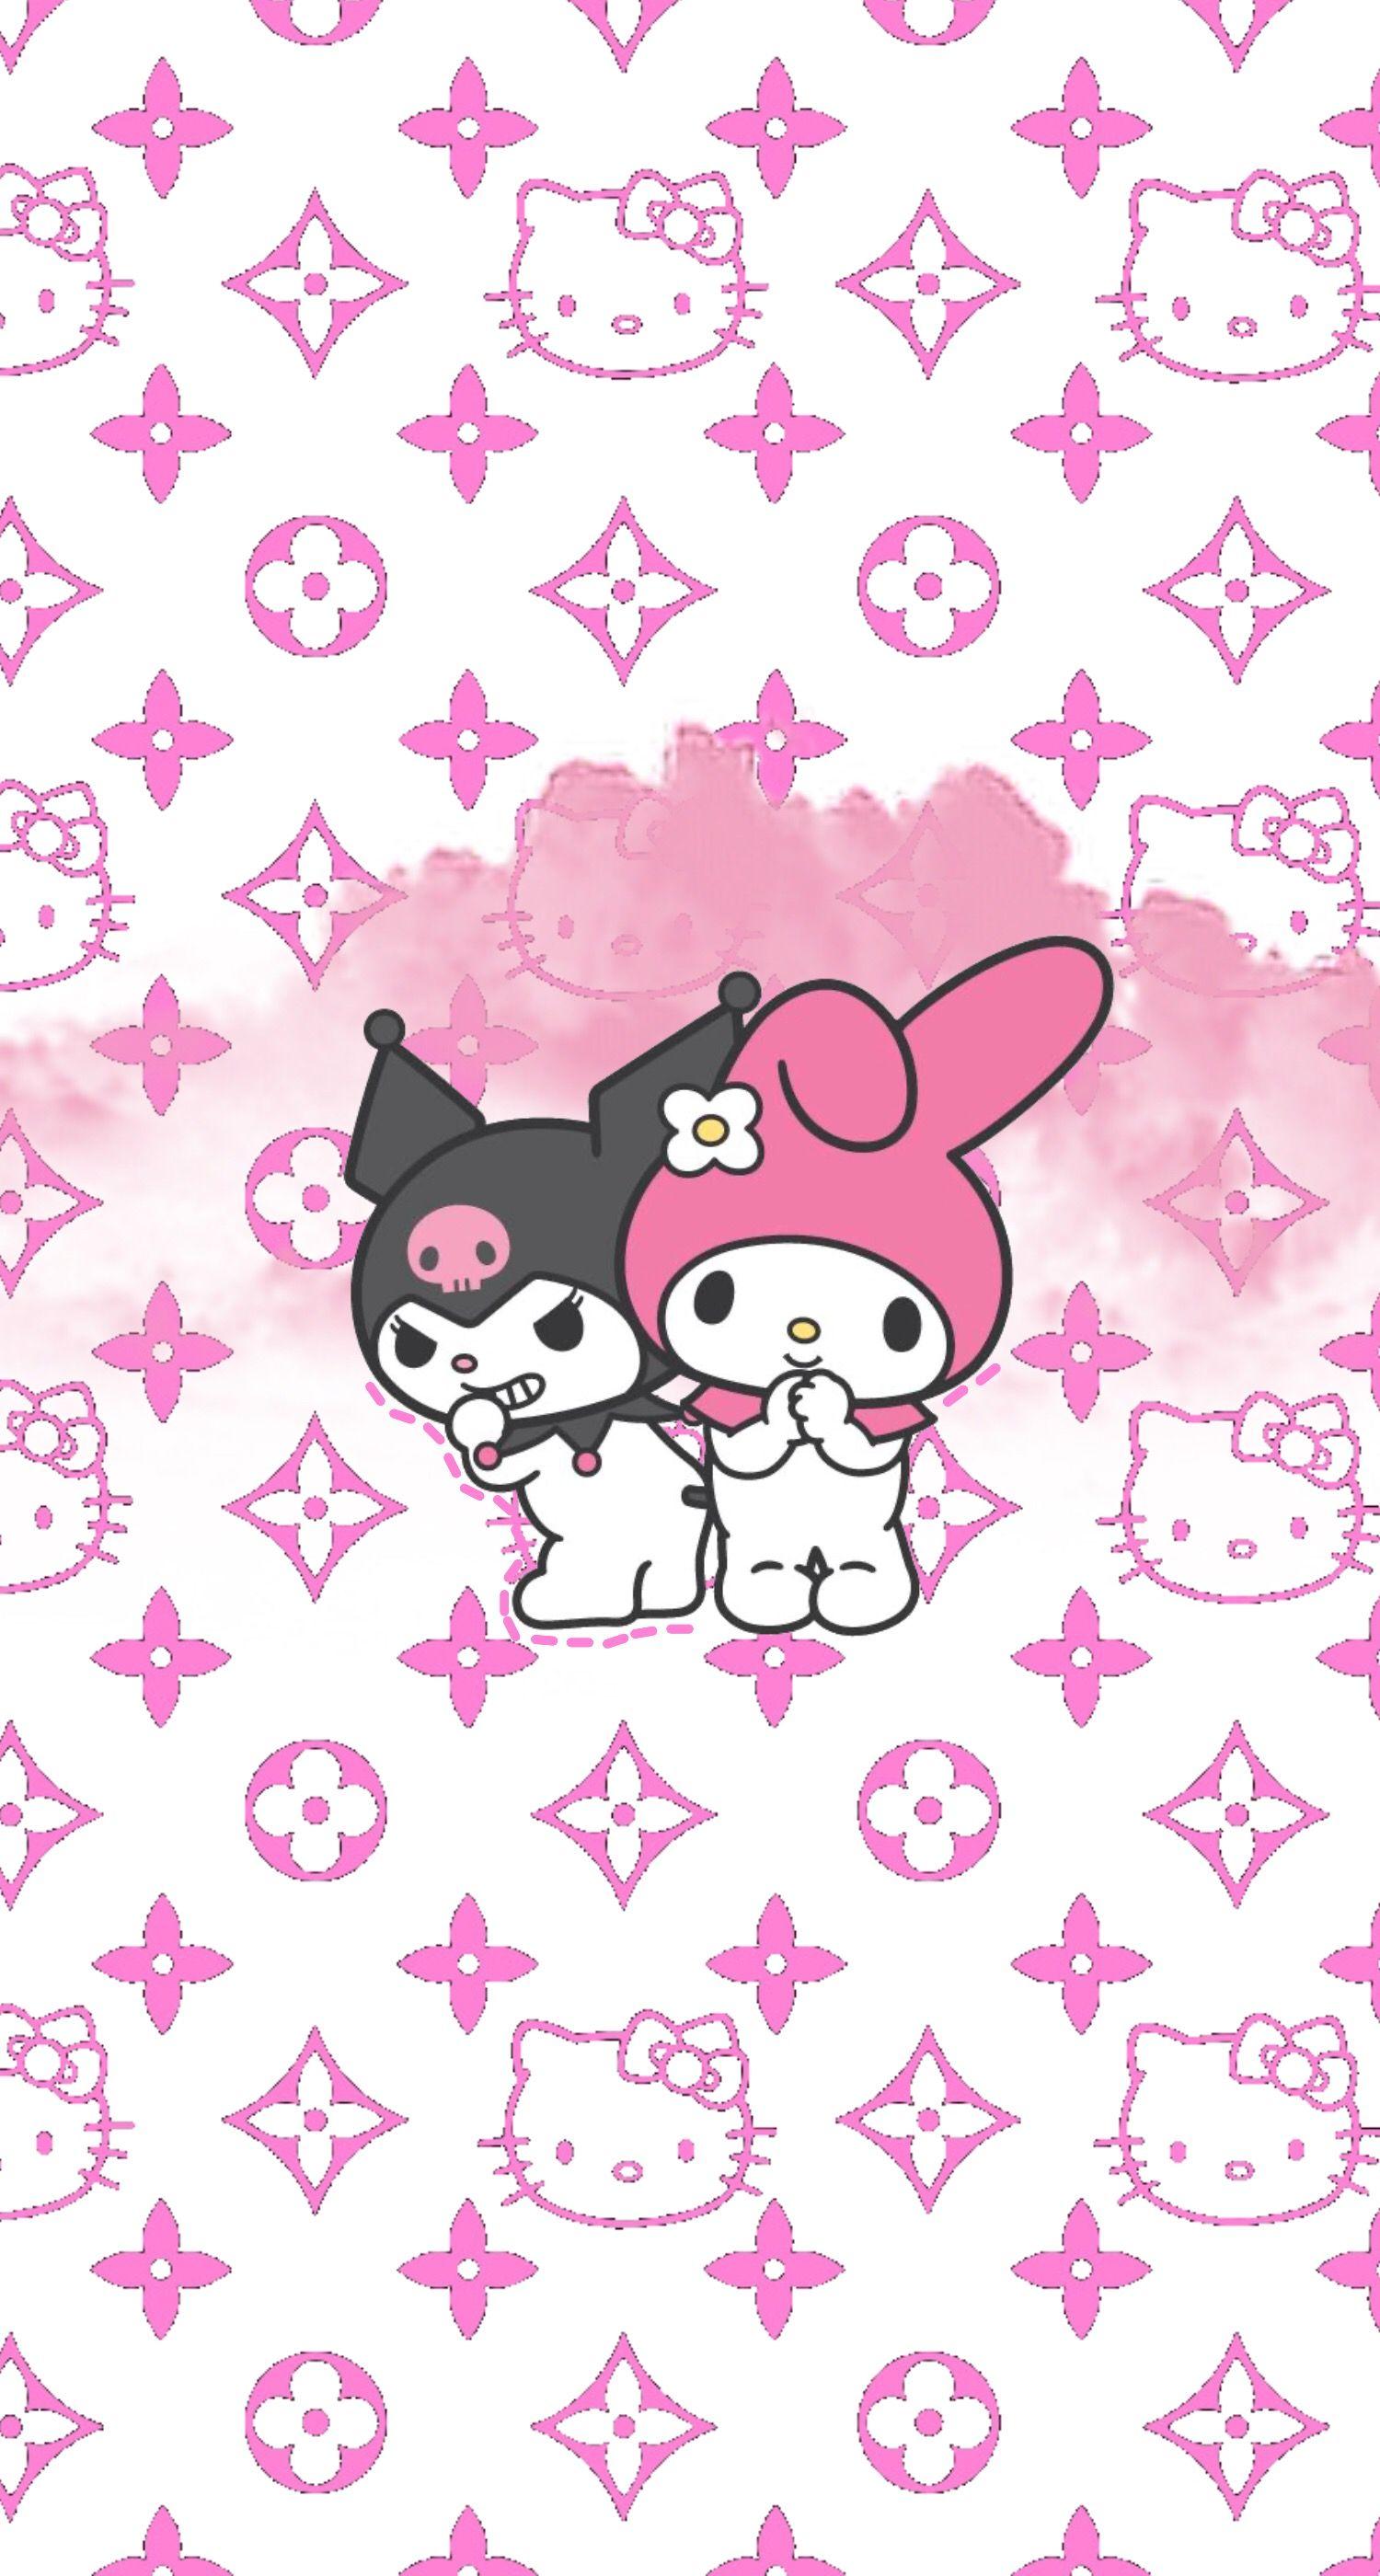 Hello Kitty Aesthetic Background : hello, kitty, aesthetic, background, Hello, Kitty, Aesthetic, Wallpapers, Wallpaper